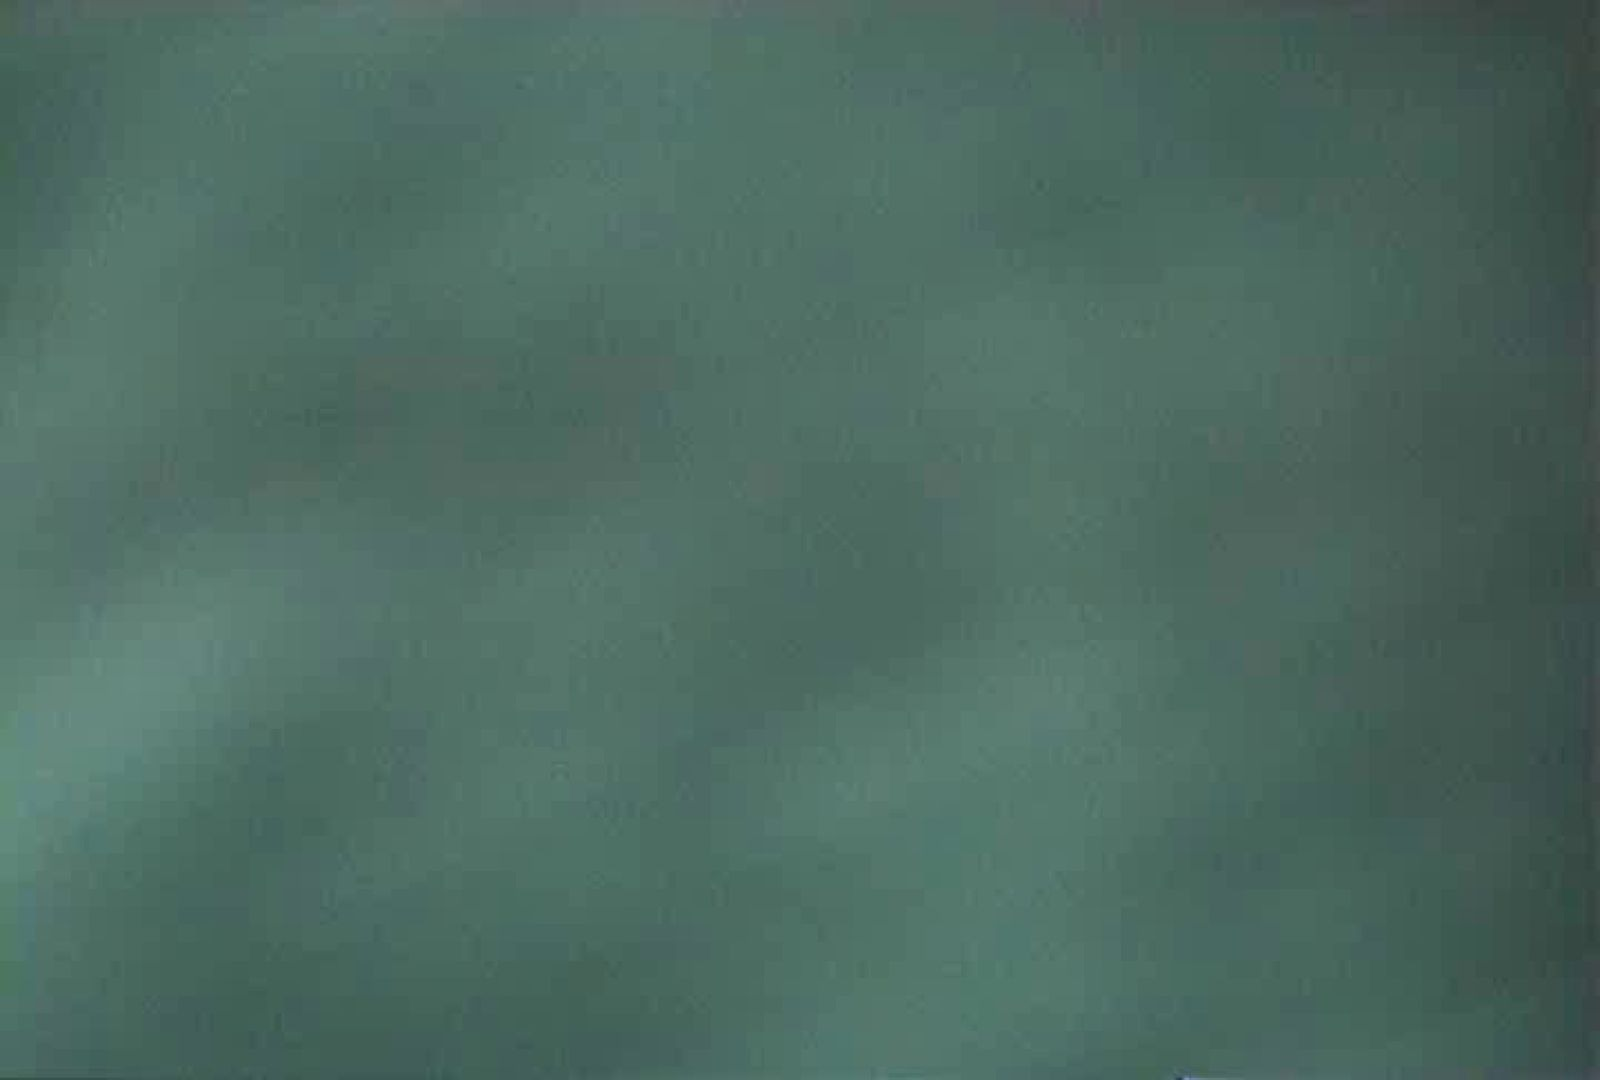 充血監督の深夜の運動会Vol.47 マンコ・ムレムレ | セックス  72pic 19